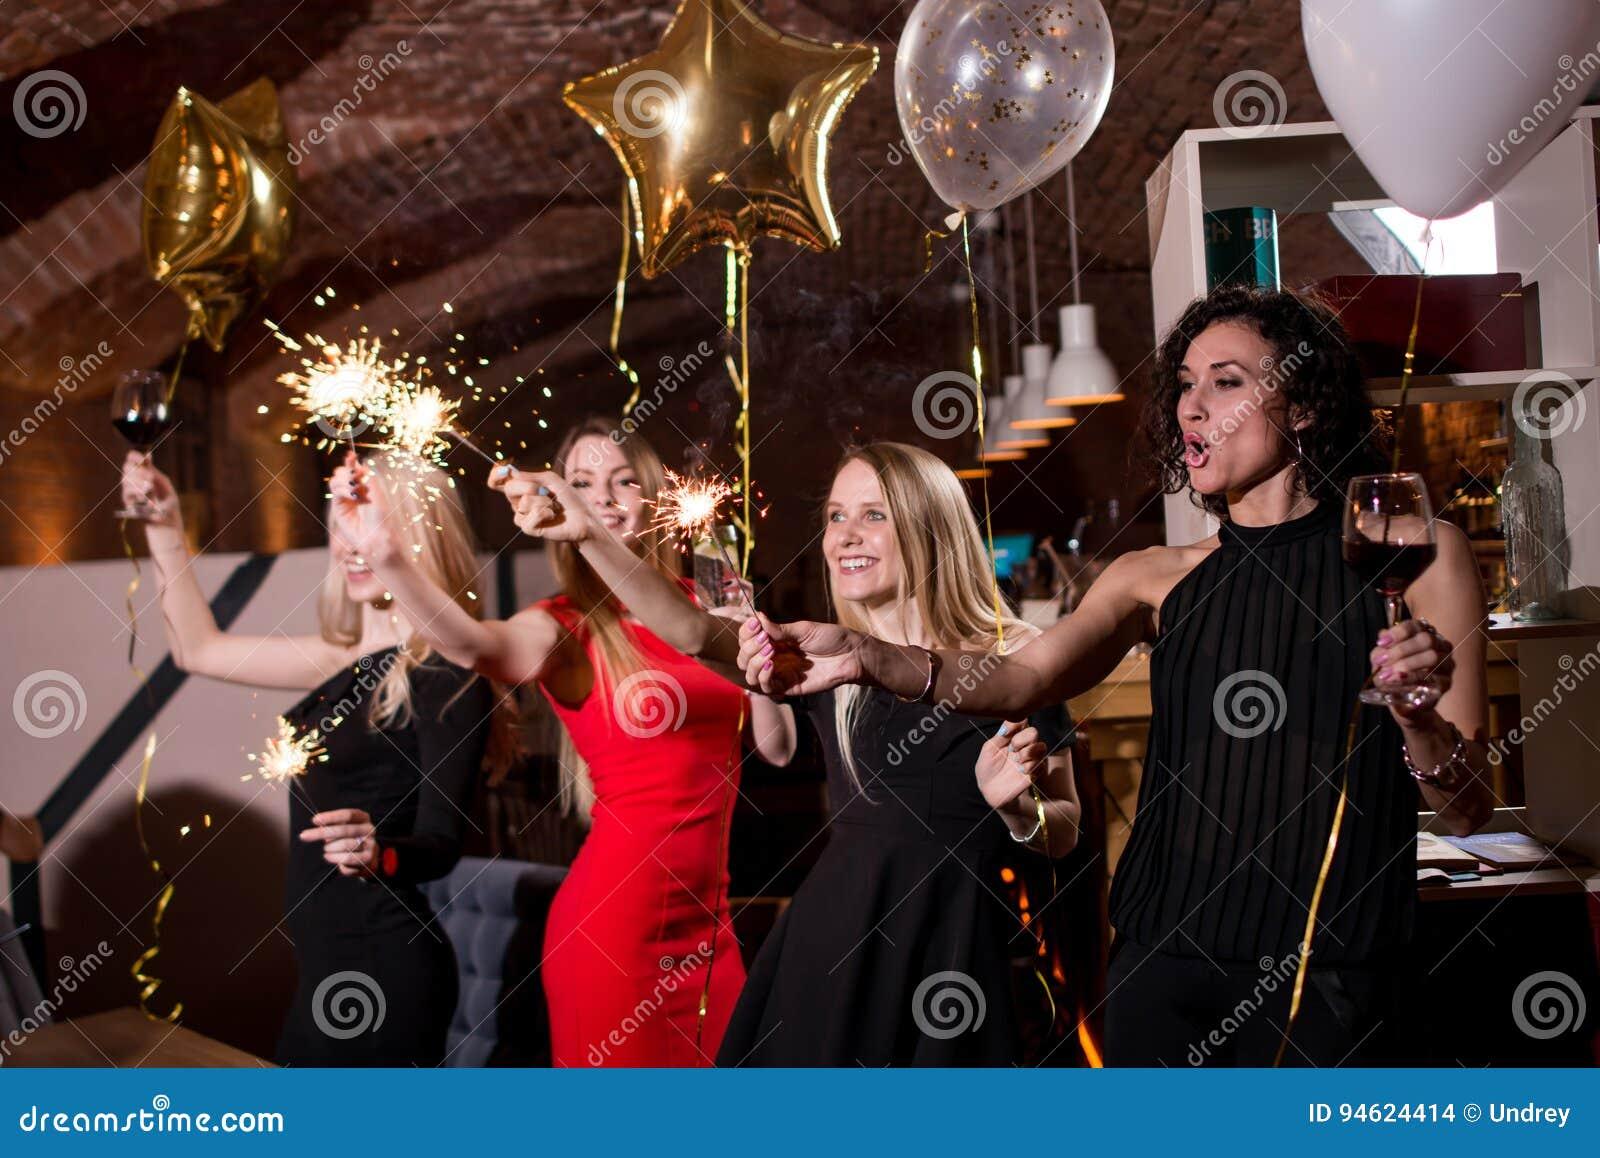 Счастливые милые молодые женщины держа бенгальские огни фейерверка, воздушные шары, стекла вина празднуя праздник в ресторане с